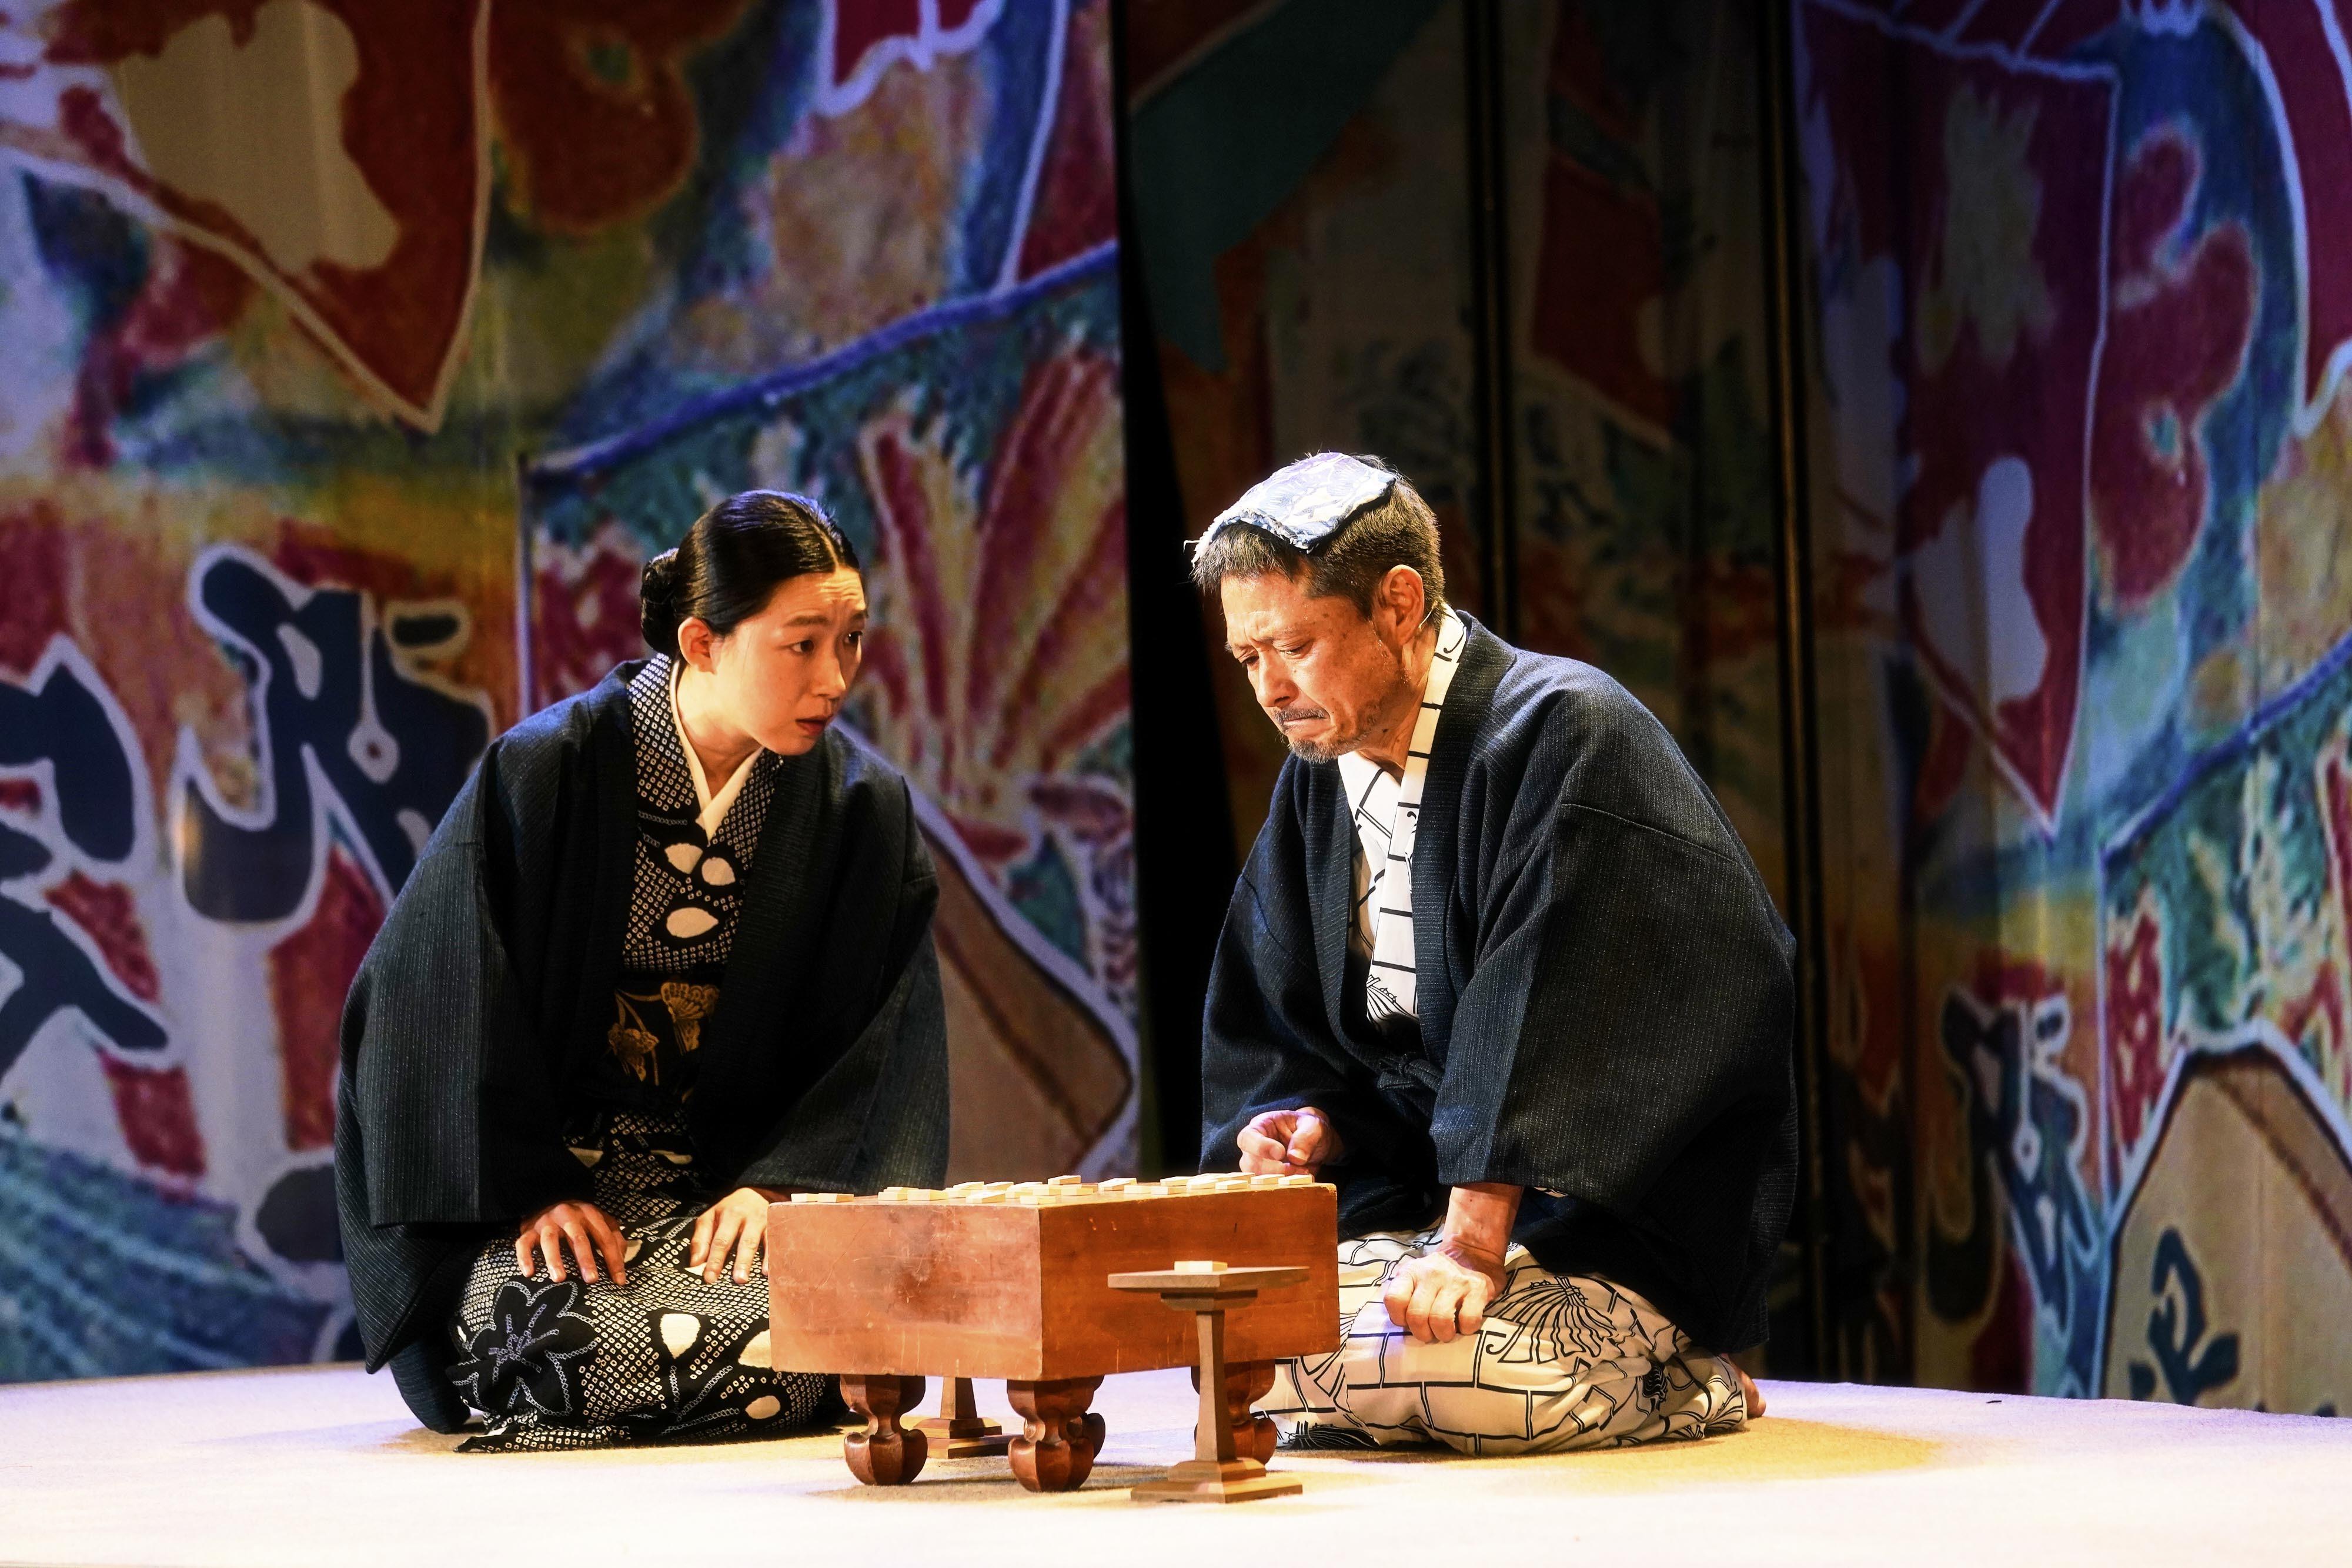 (左から) 江口のりこ、福田転球 撮影:細野晋司